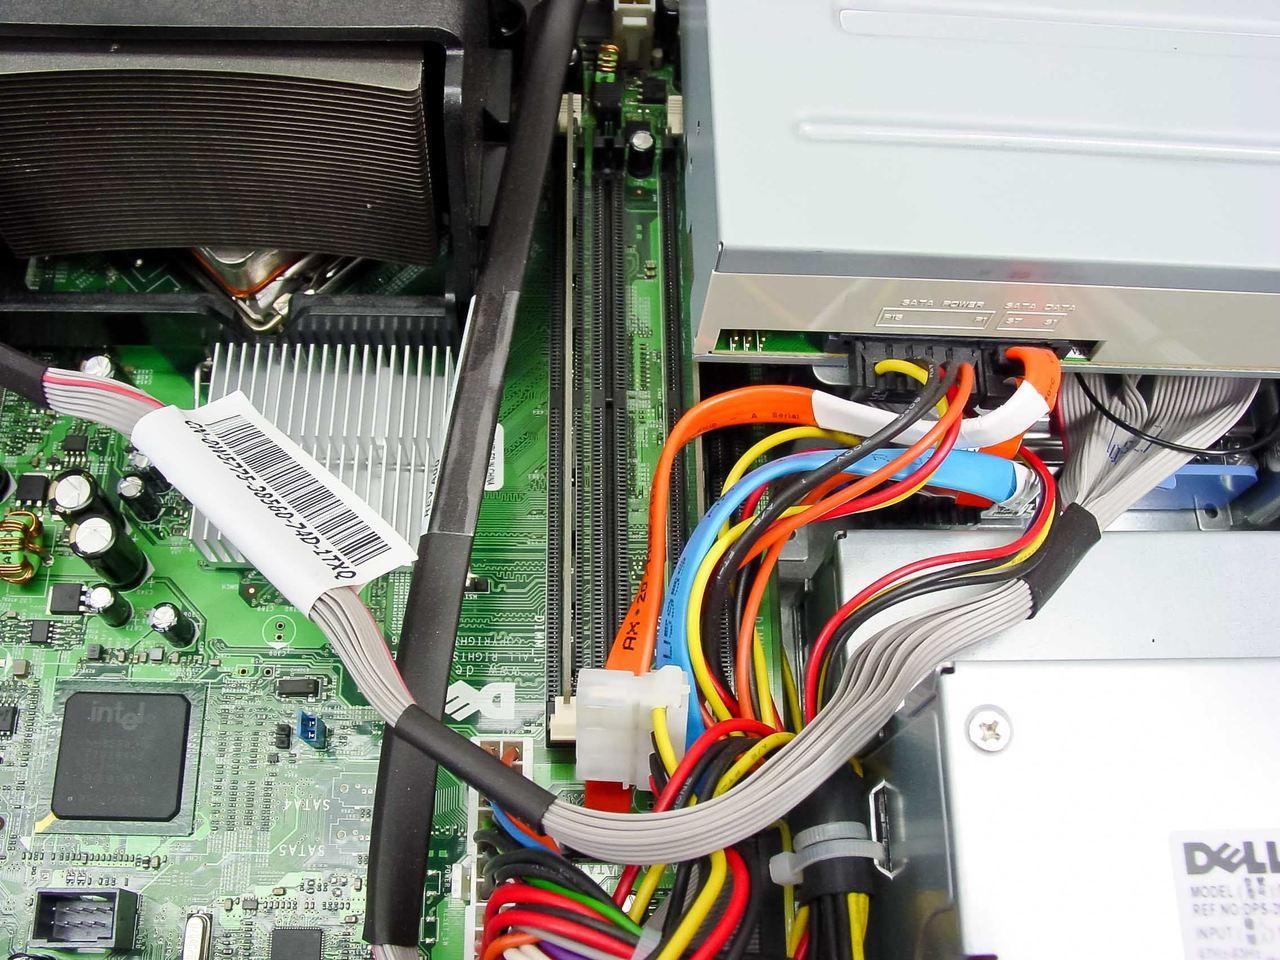 Dell Intel Pentium D 3 0 GHz, 1GB RAM, 80GB HDD (Optiplex 745 DT)